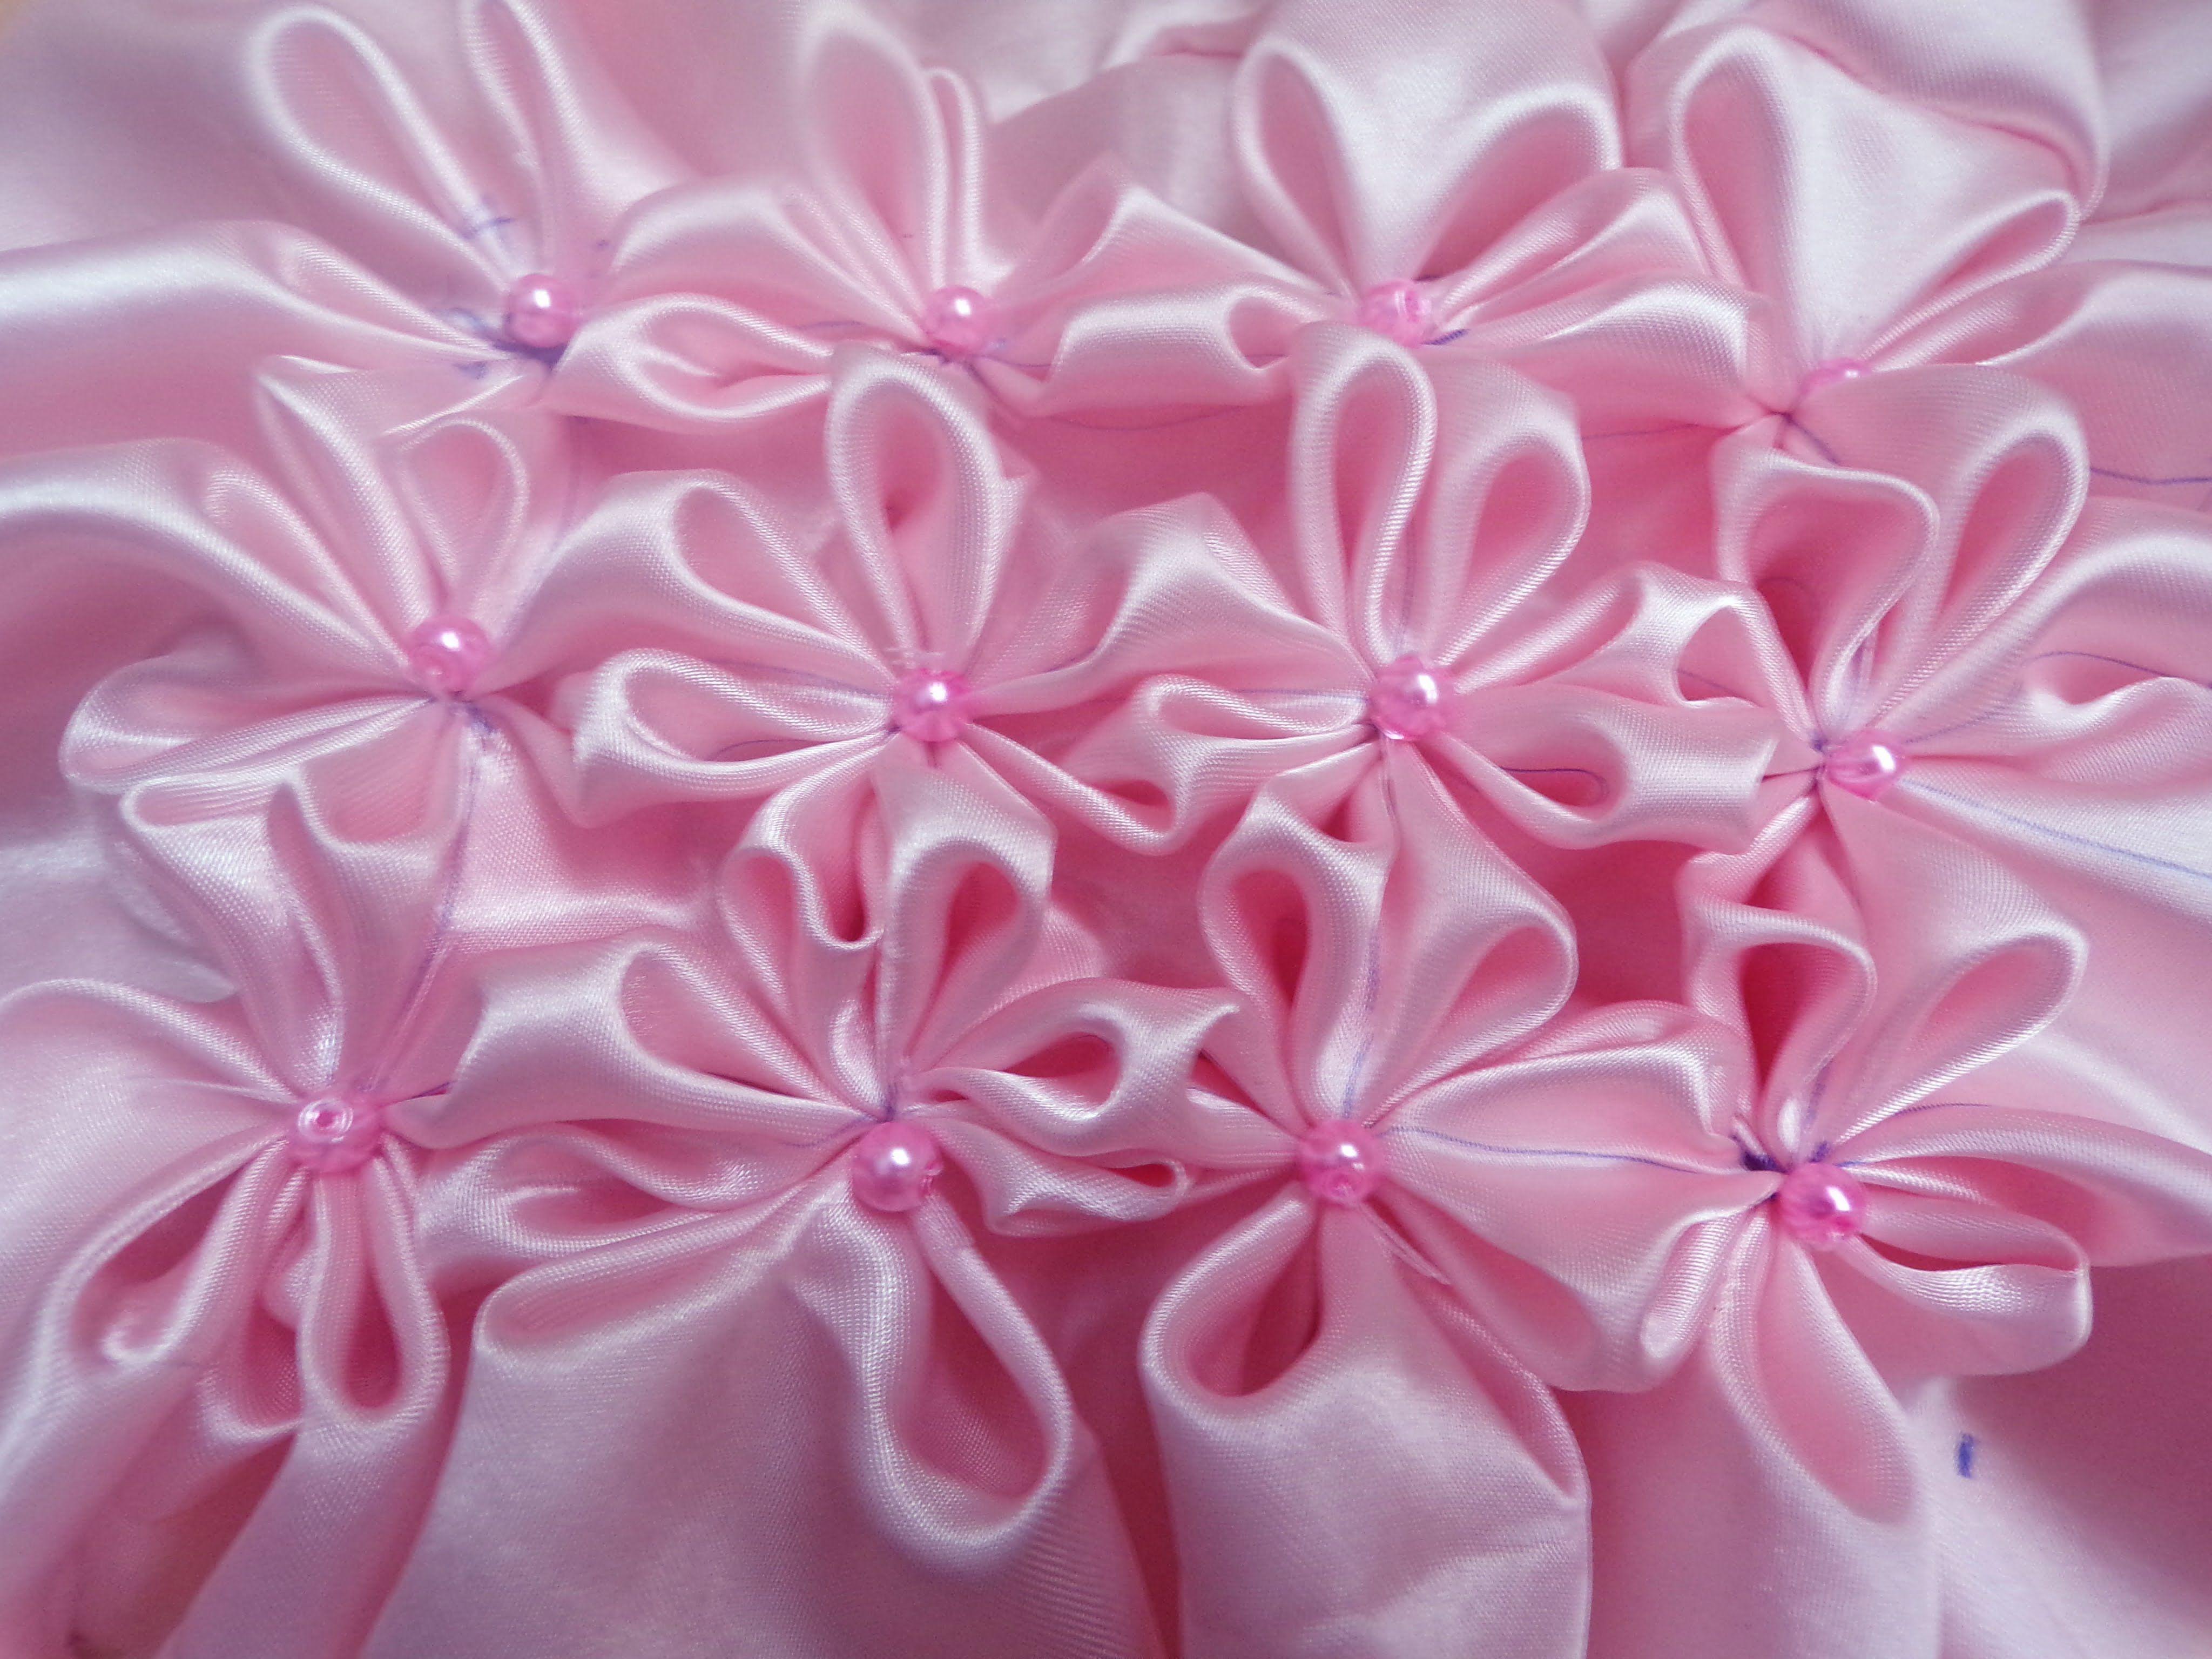 8 petal flower smocking pattern on a fabric sewing world 8 petal flower smocking pattern on a fabric jeuxipadfo Choice Image